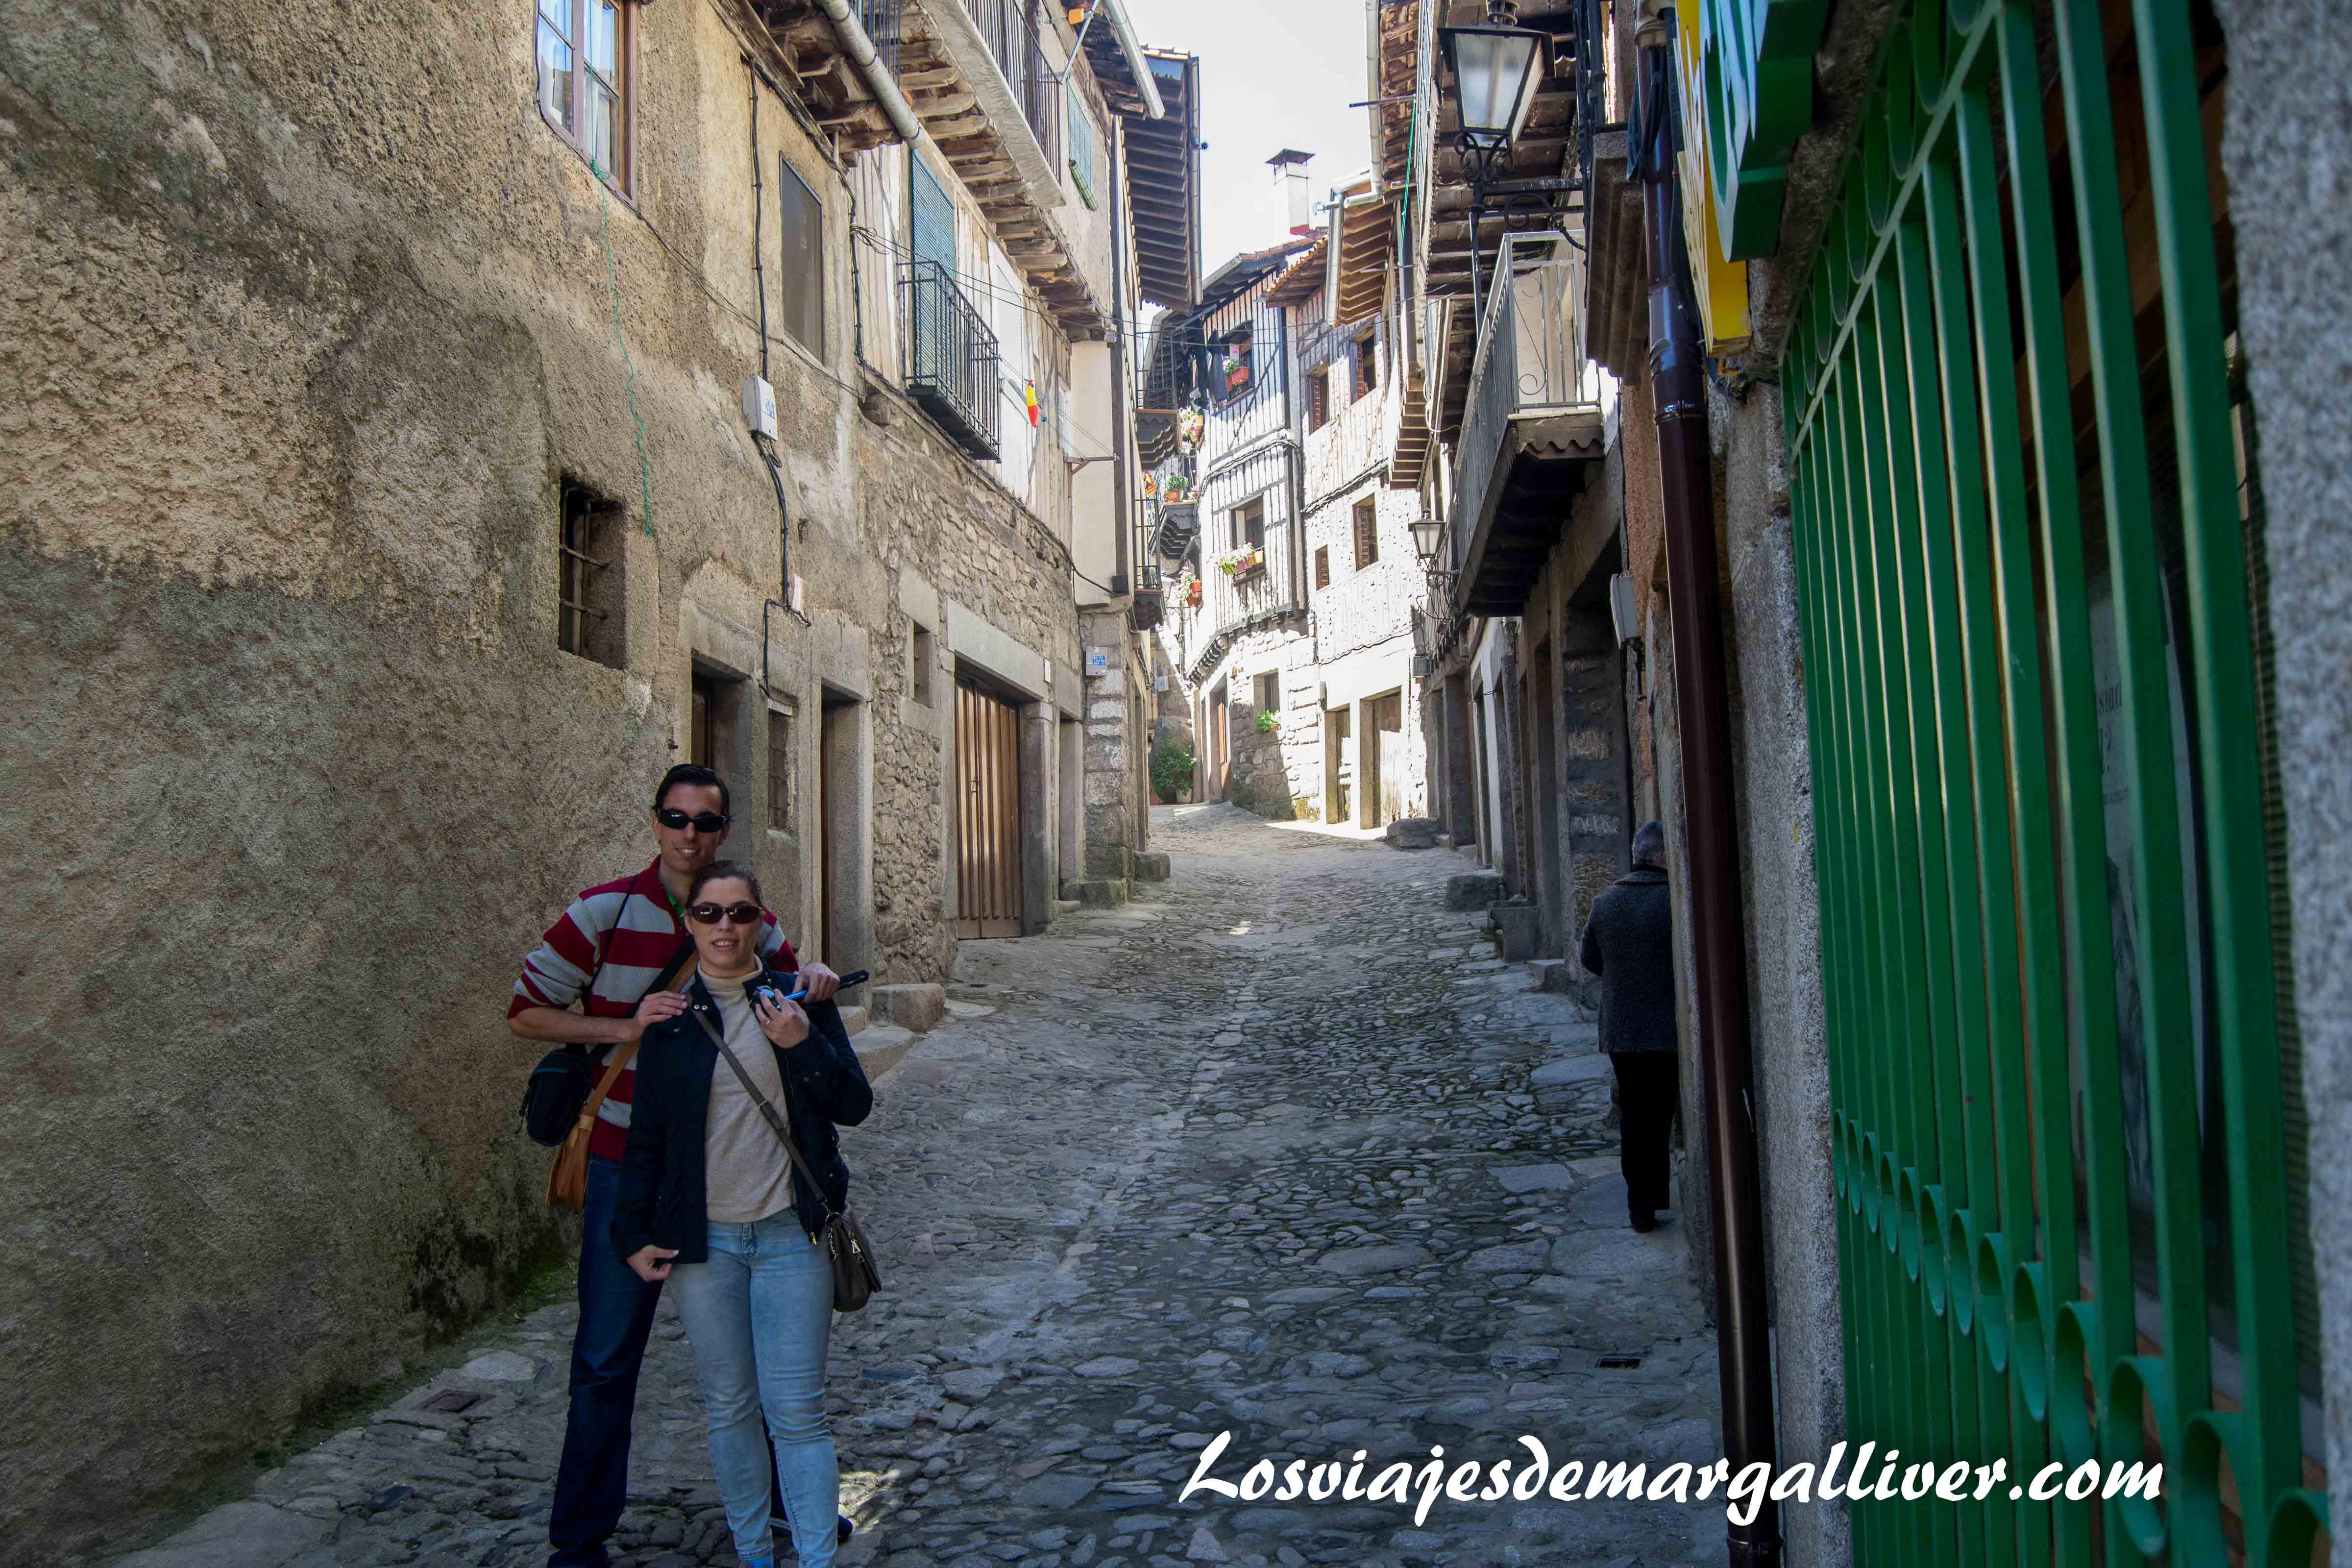 El equipo Margalliver en La Alberca - Los viajes de Margalliver